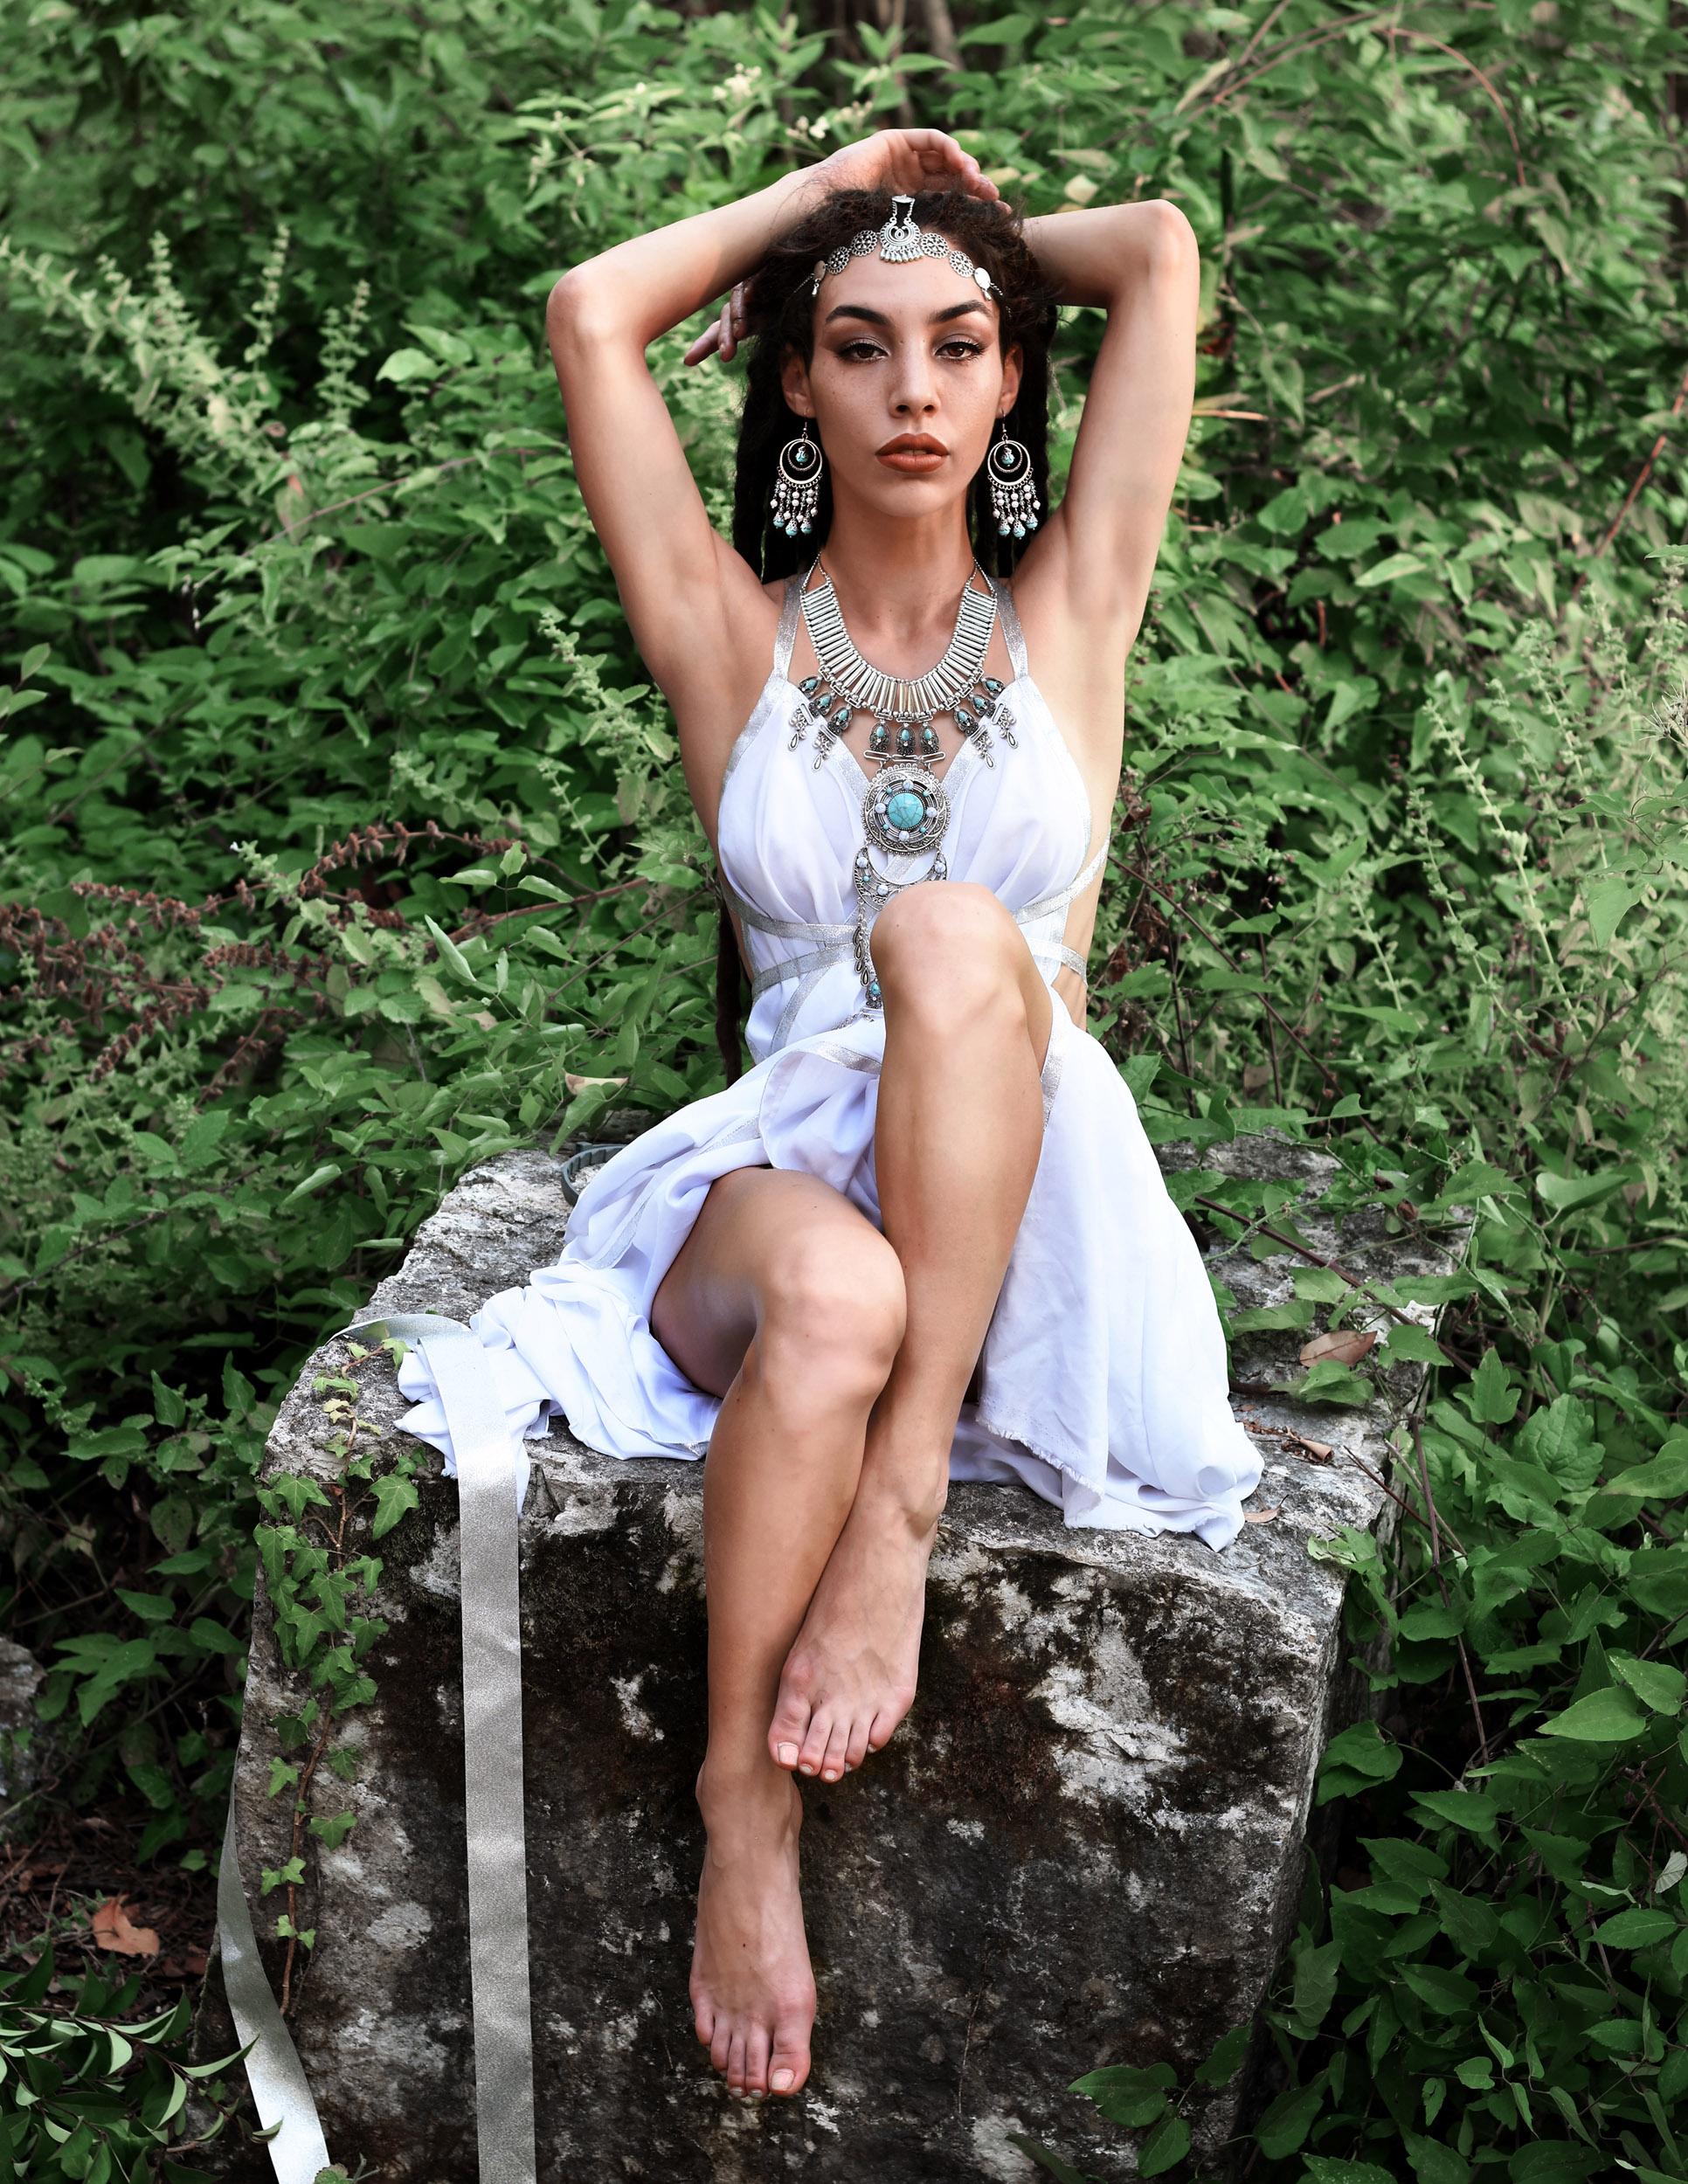 Categorie: Glamour, Portrait, Fashion - Ph: VALERIA DE RISO; Model: GAIA FREDA; Stylist: TIZIANA SANTORO - Location: Baia Domizia, CE, Italia